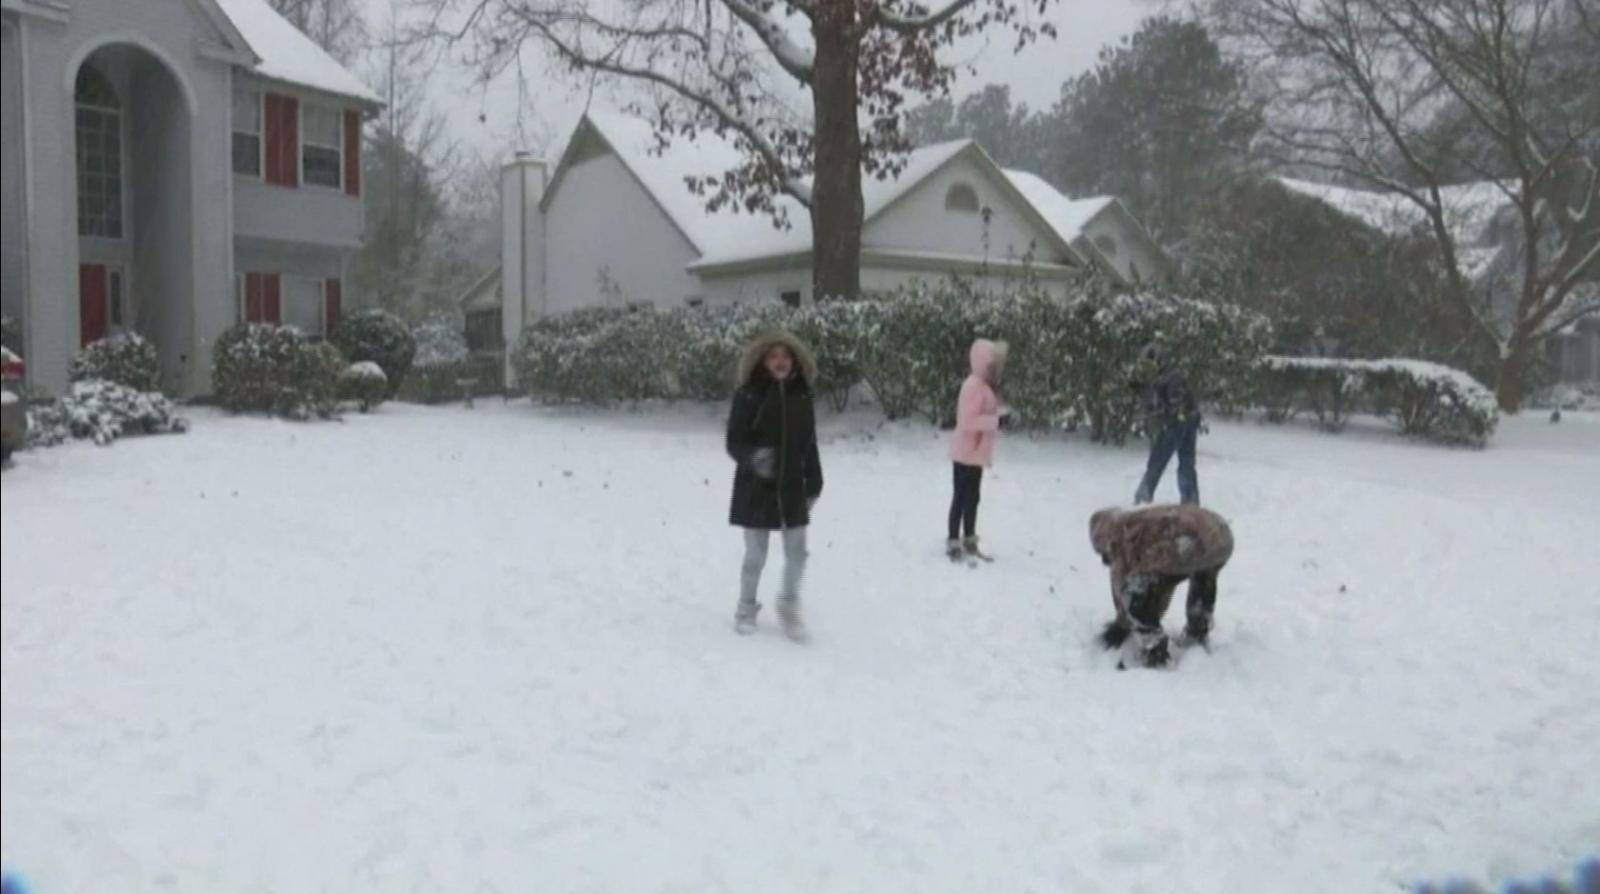 ฟลอริดาหิมะตกครั้งแรกในรอบเกือบ 30 ปี